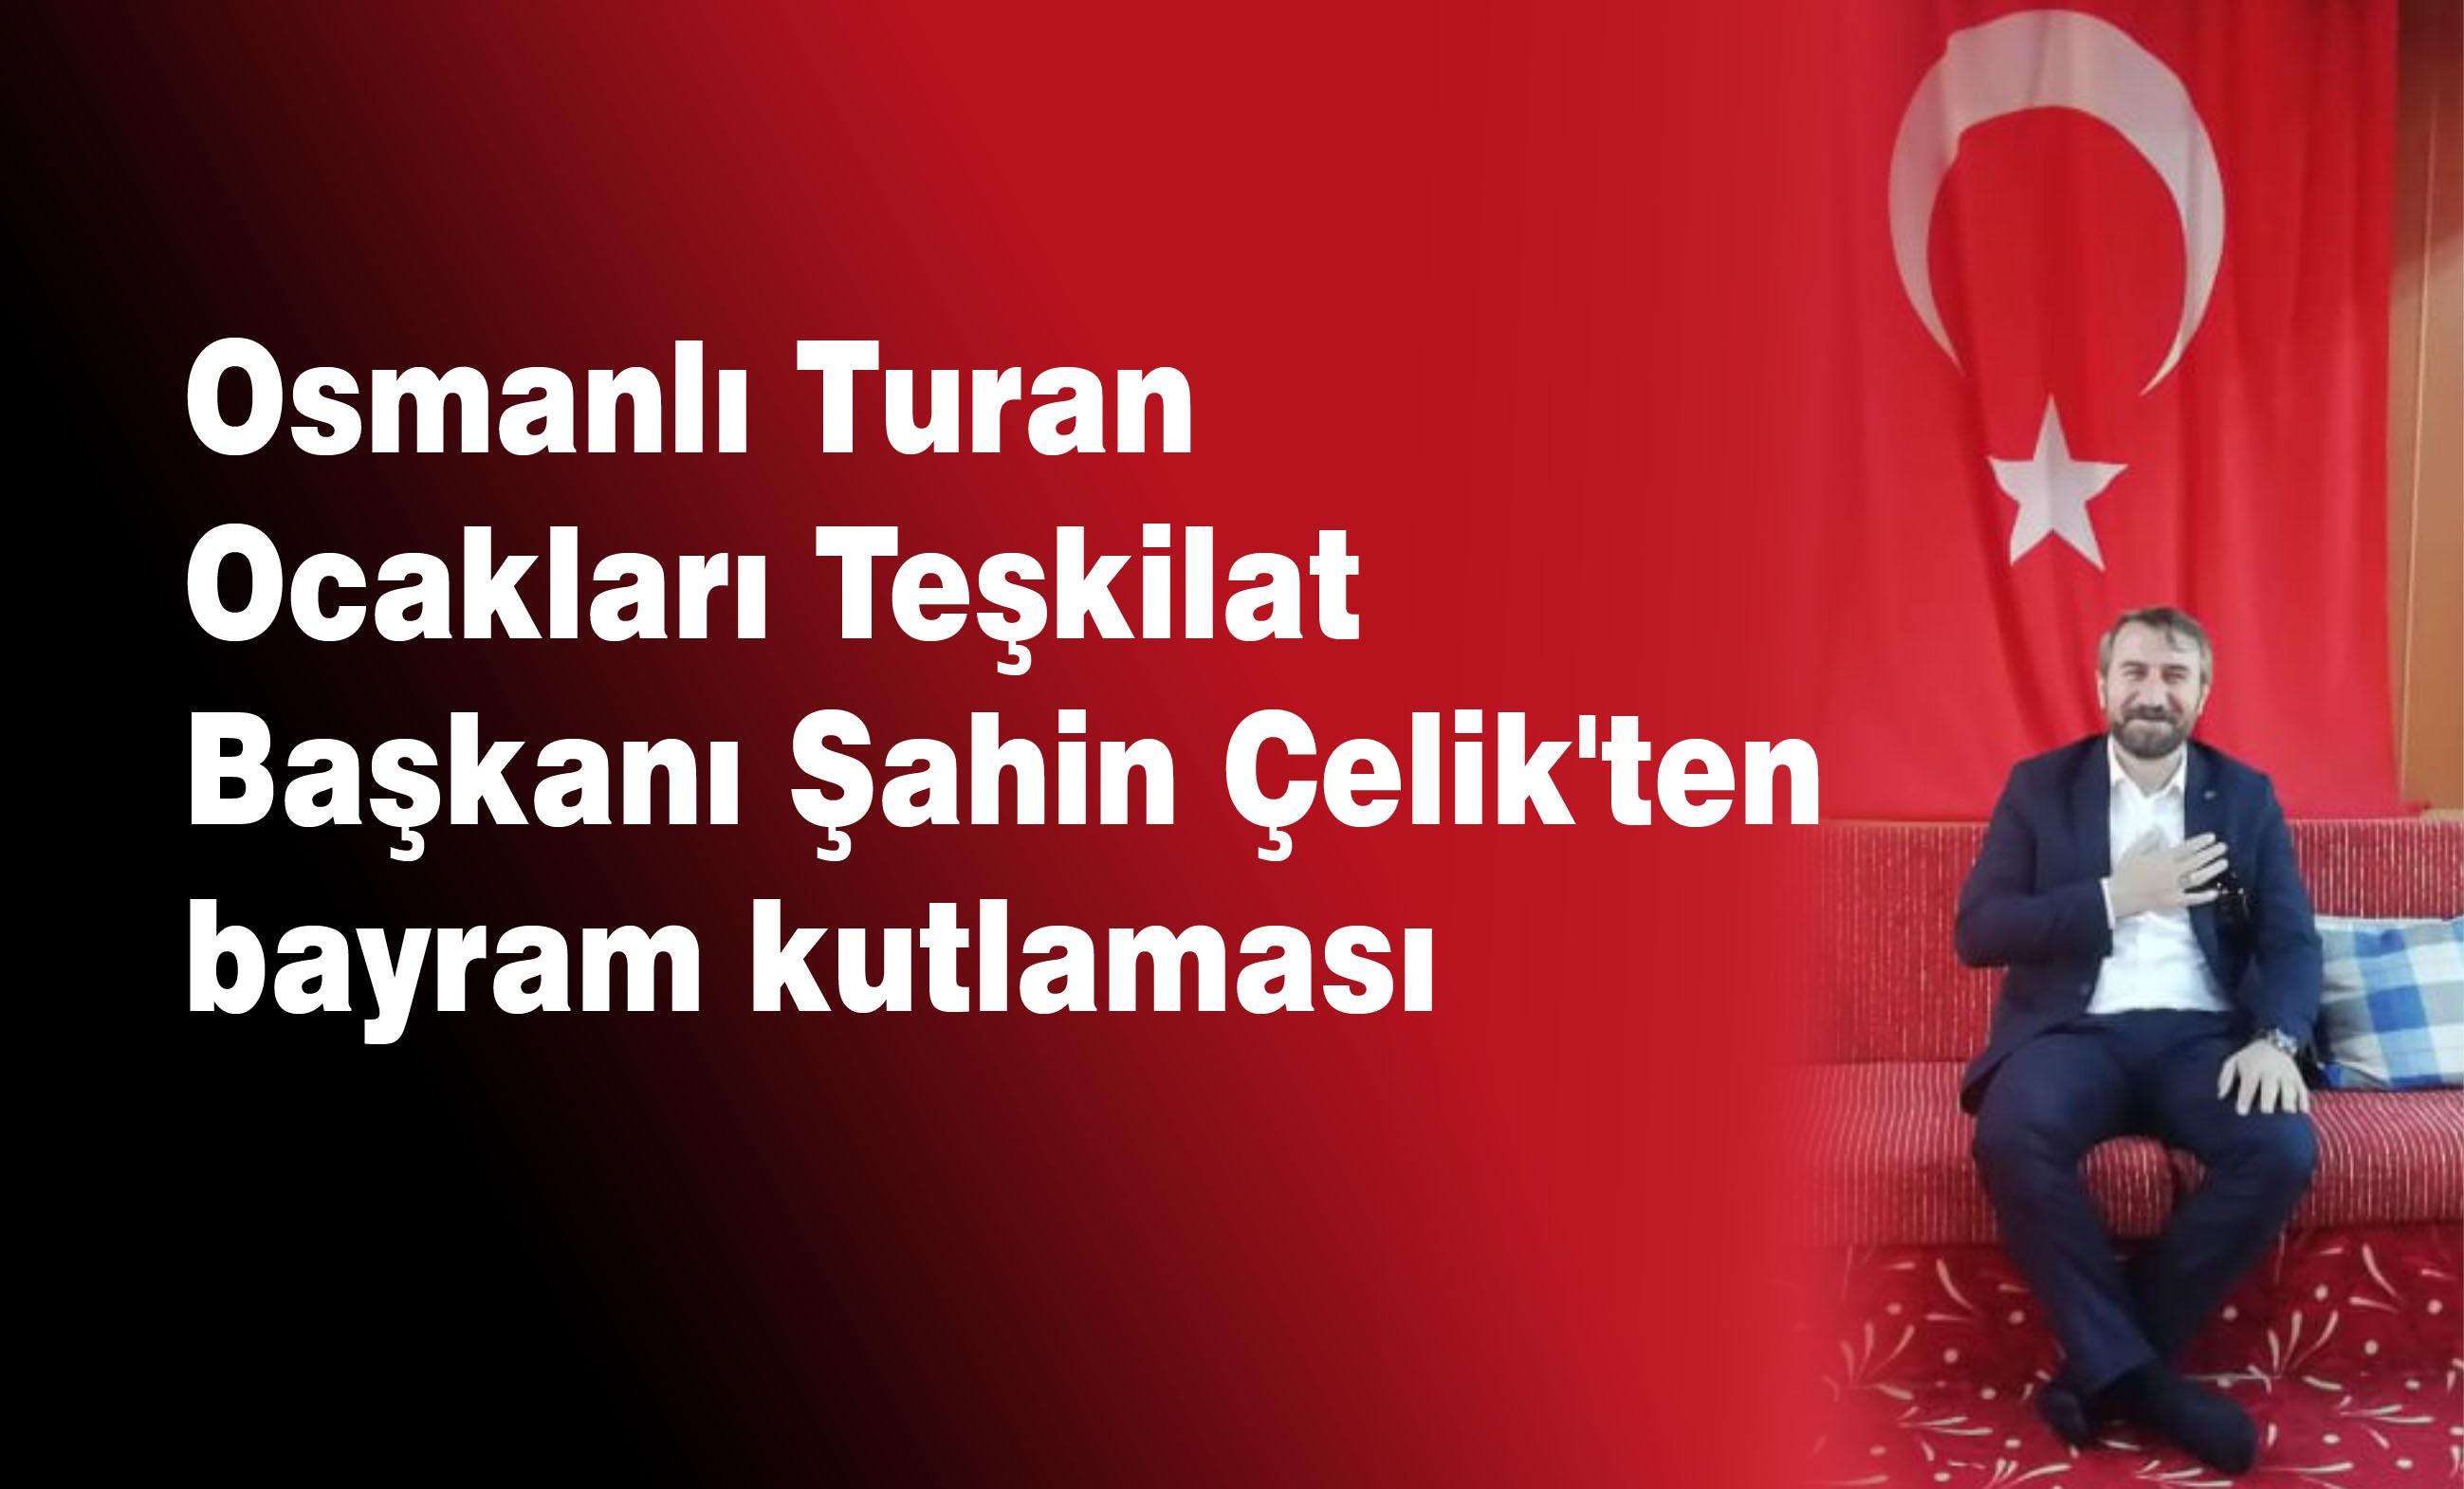 Osmanlı Turan Ocakları Teşkilat Başkanı Şahin Çelik'ten bayram kutlaması